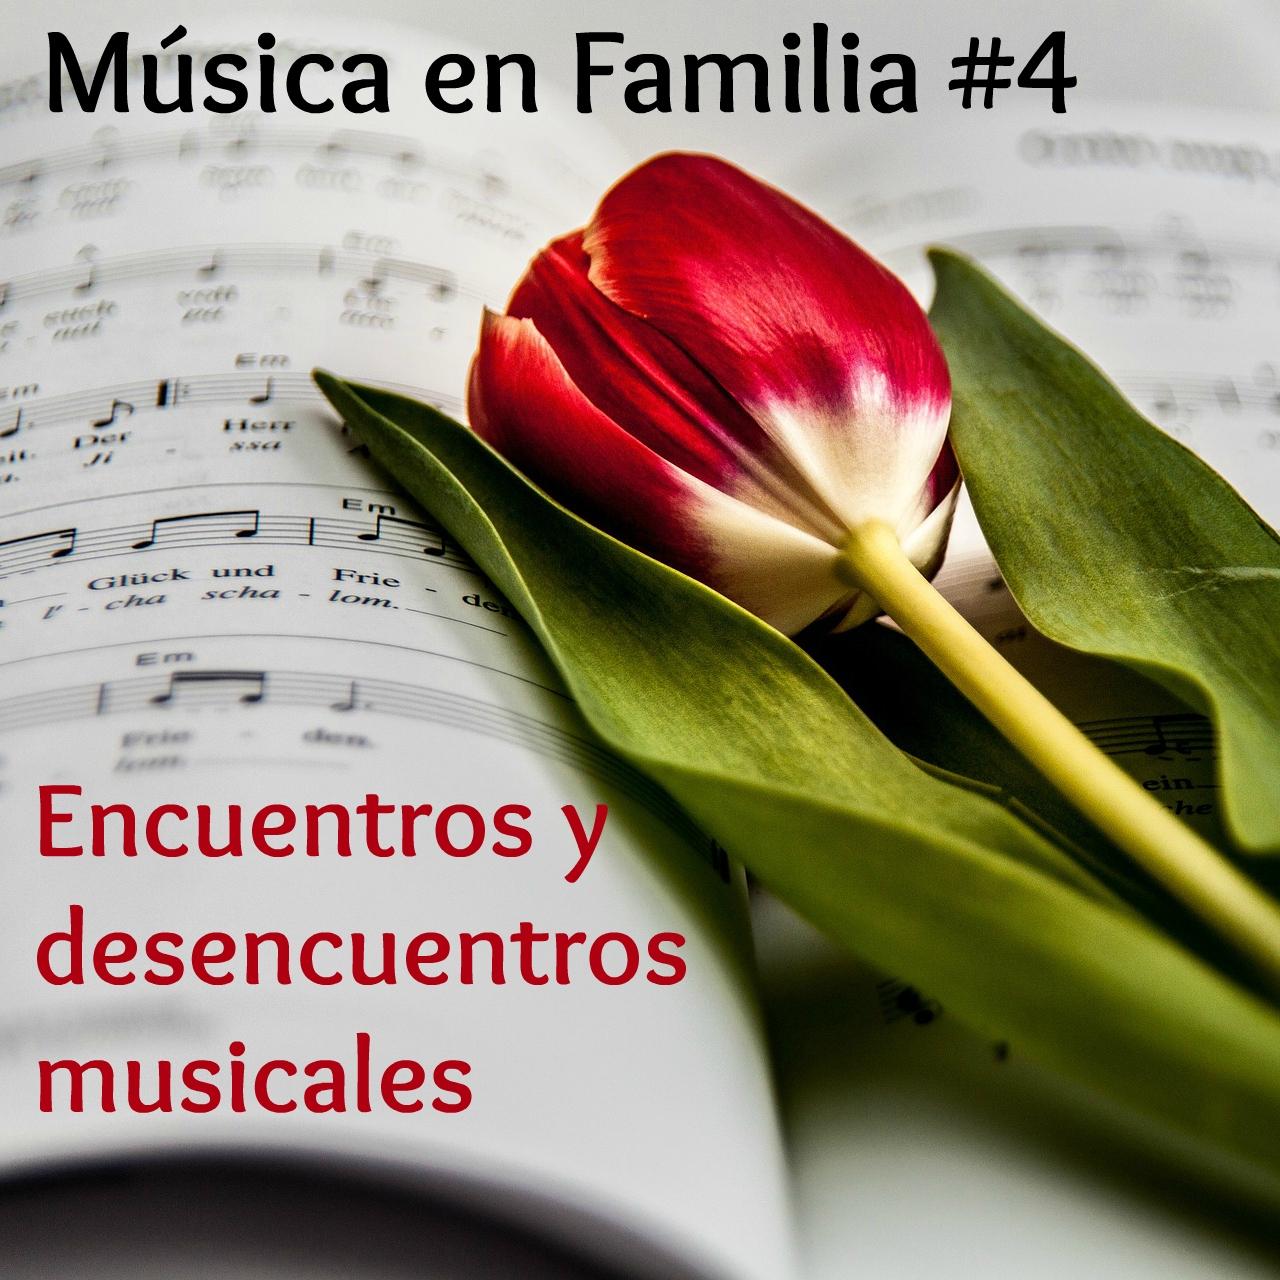 Encuentros y desencuentros musicales. Programa #4 Música en Familia de Clásica FM radio